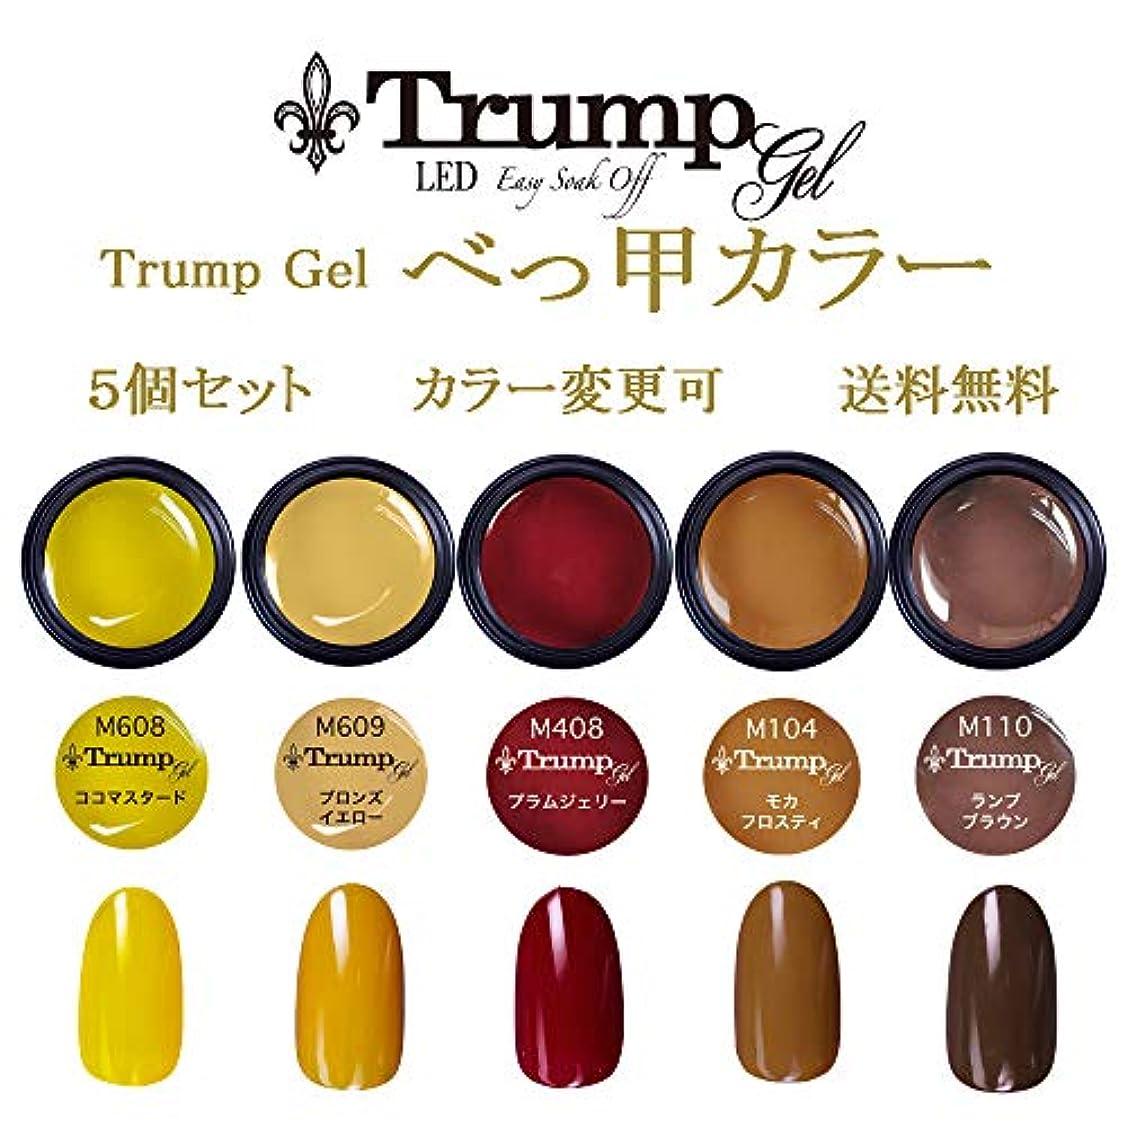 睡眠長老英語の授業があります日本製 Trump gel トランプジェル べっ甲 ネイルカラー 選べる カラージェル 5個セット イエロー ブラウン ワイン べっこう